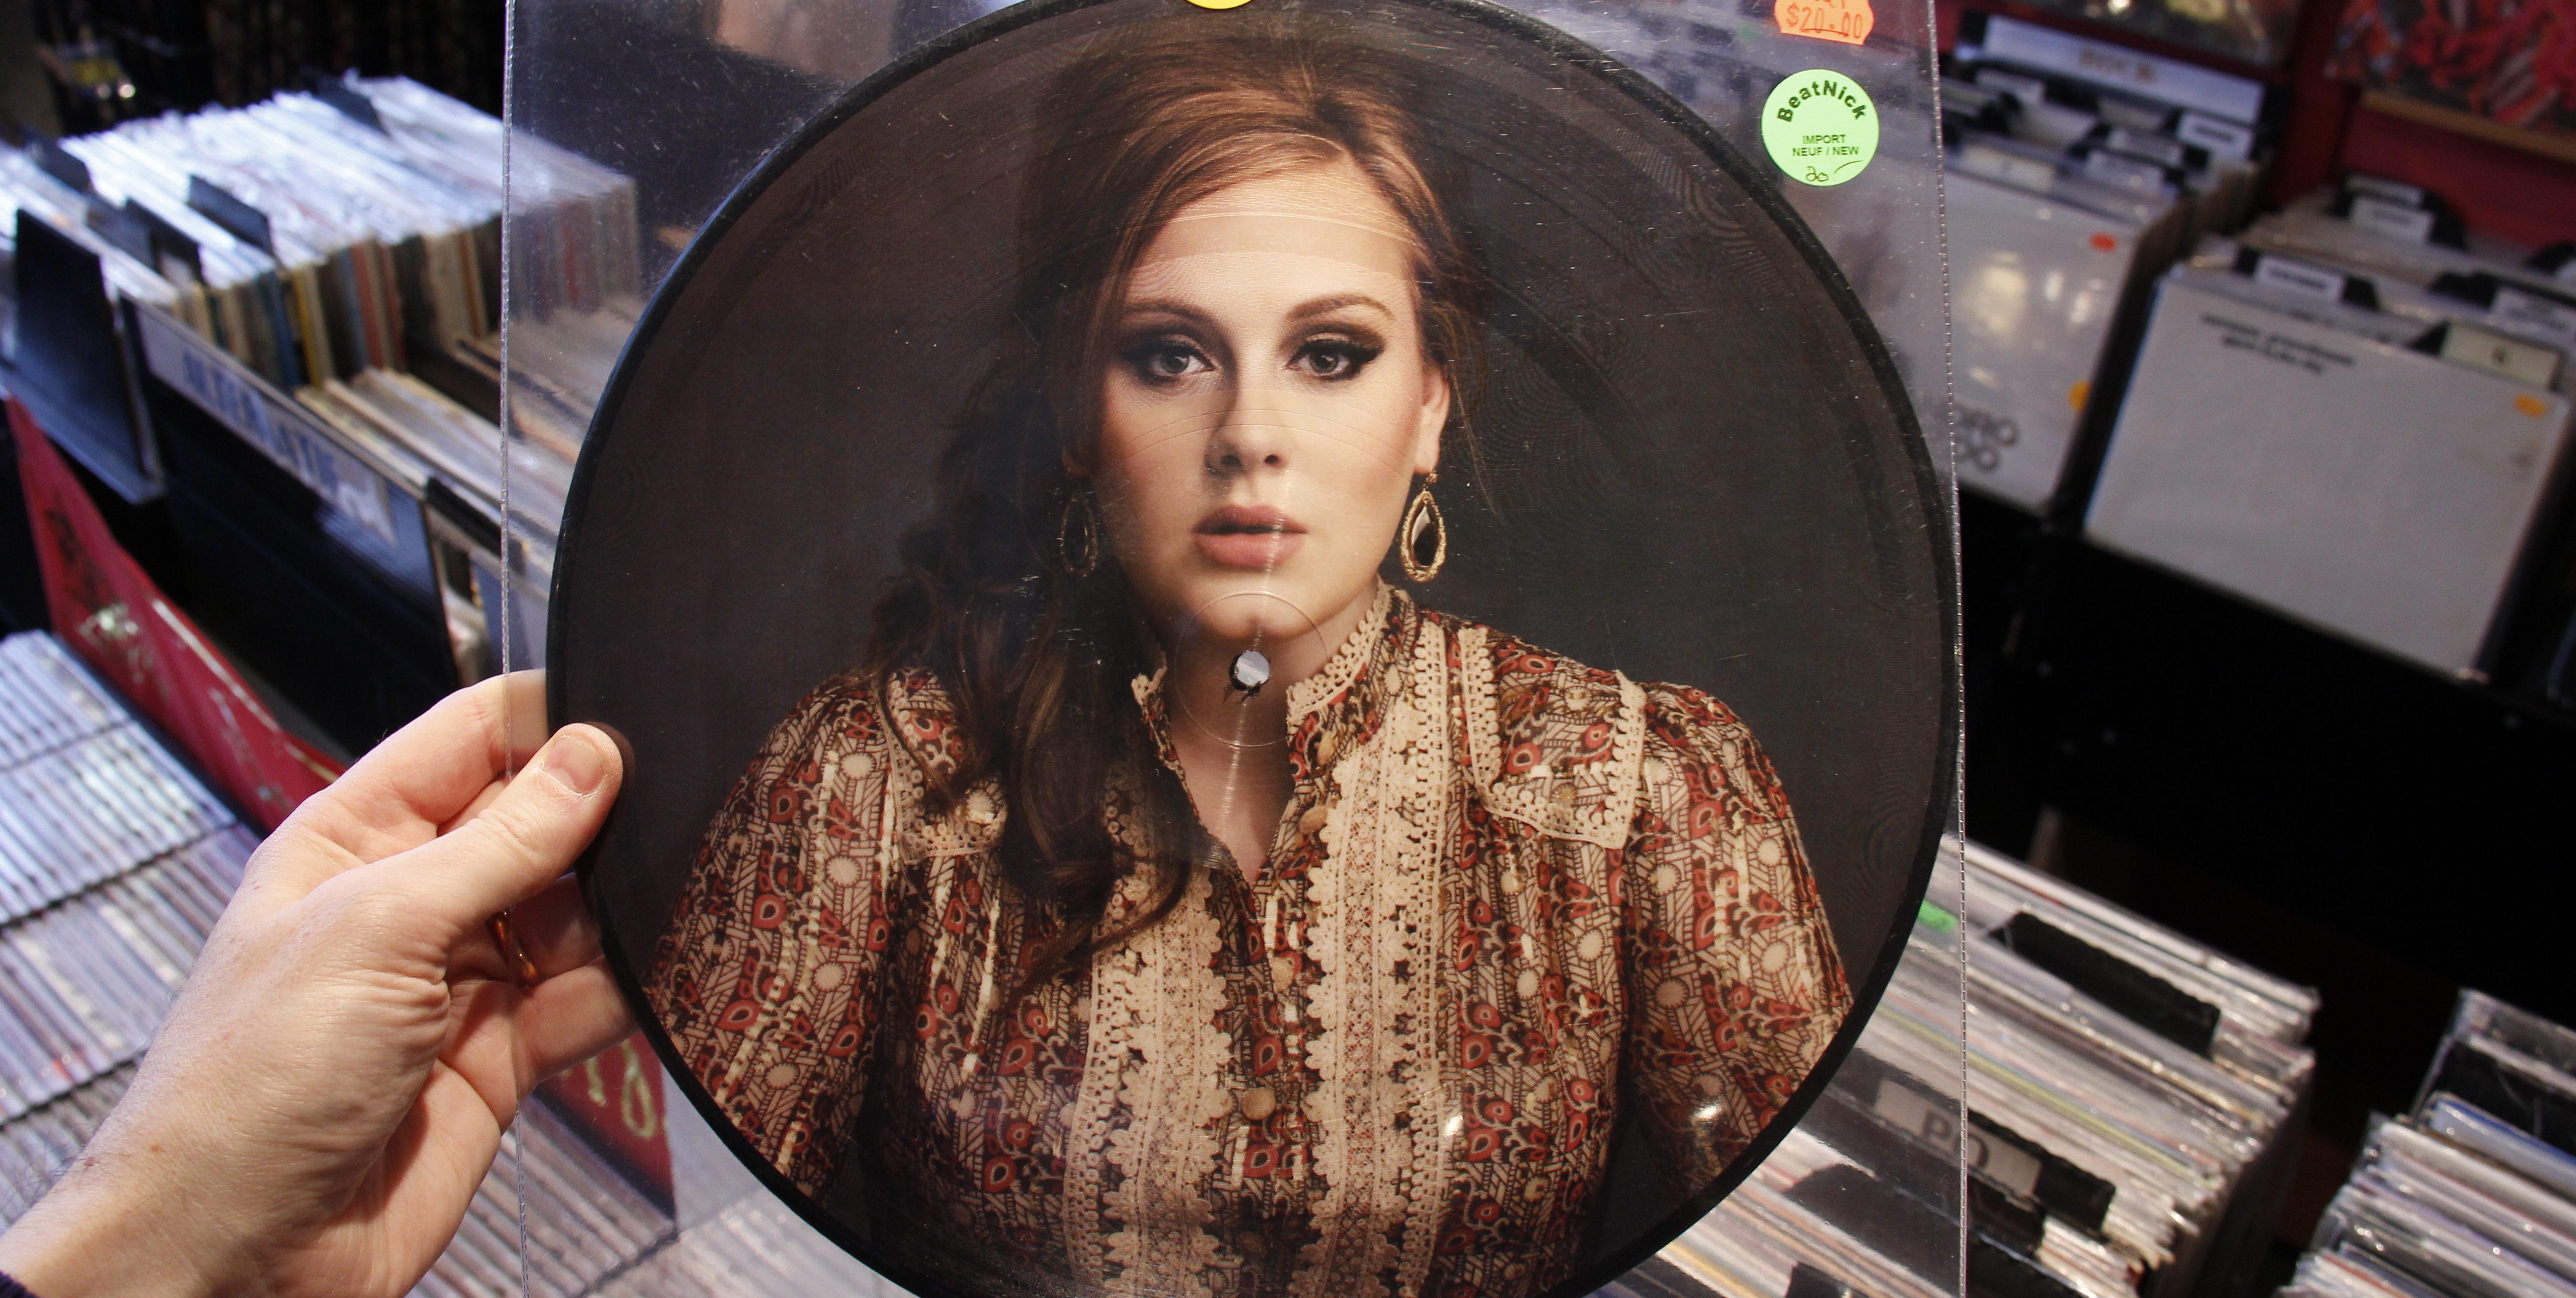 """Adeles neues Album """"25"""" belegt zur Zeit Platz 2 der deutschen Albumcharts. Bild: flickr.com @HayeurJF CC BY-SA 2.0"""